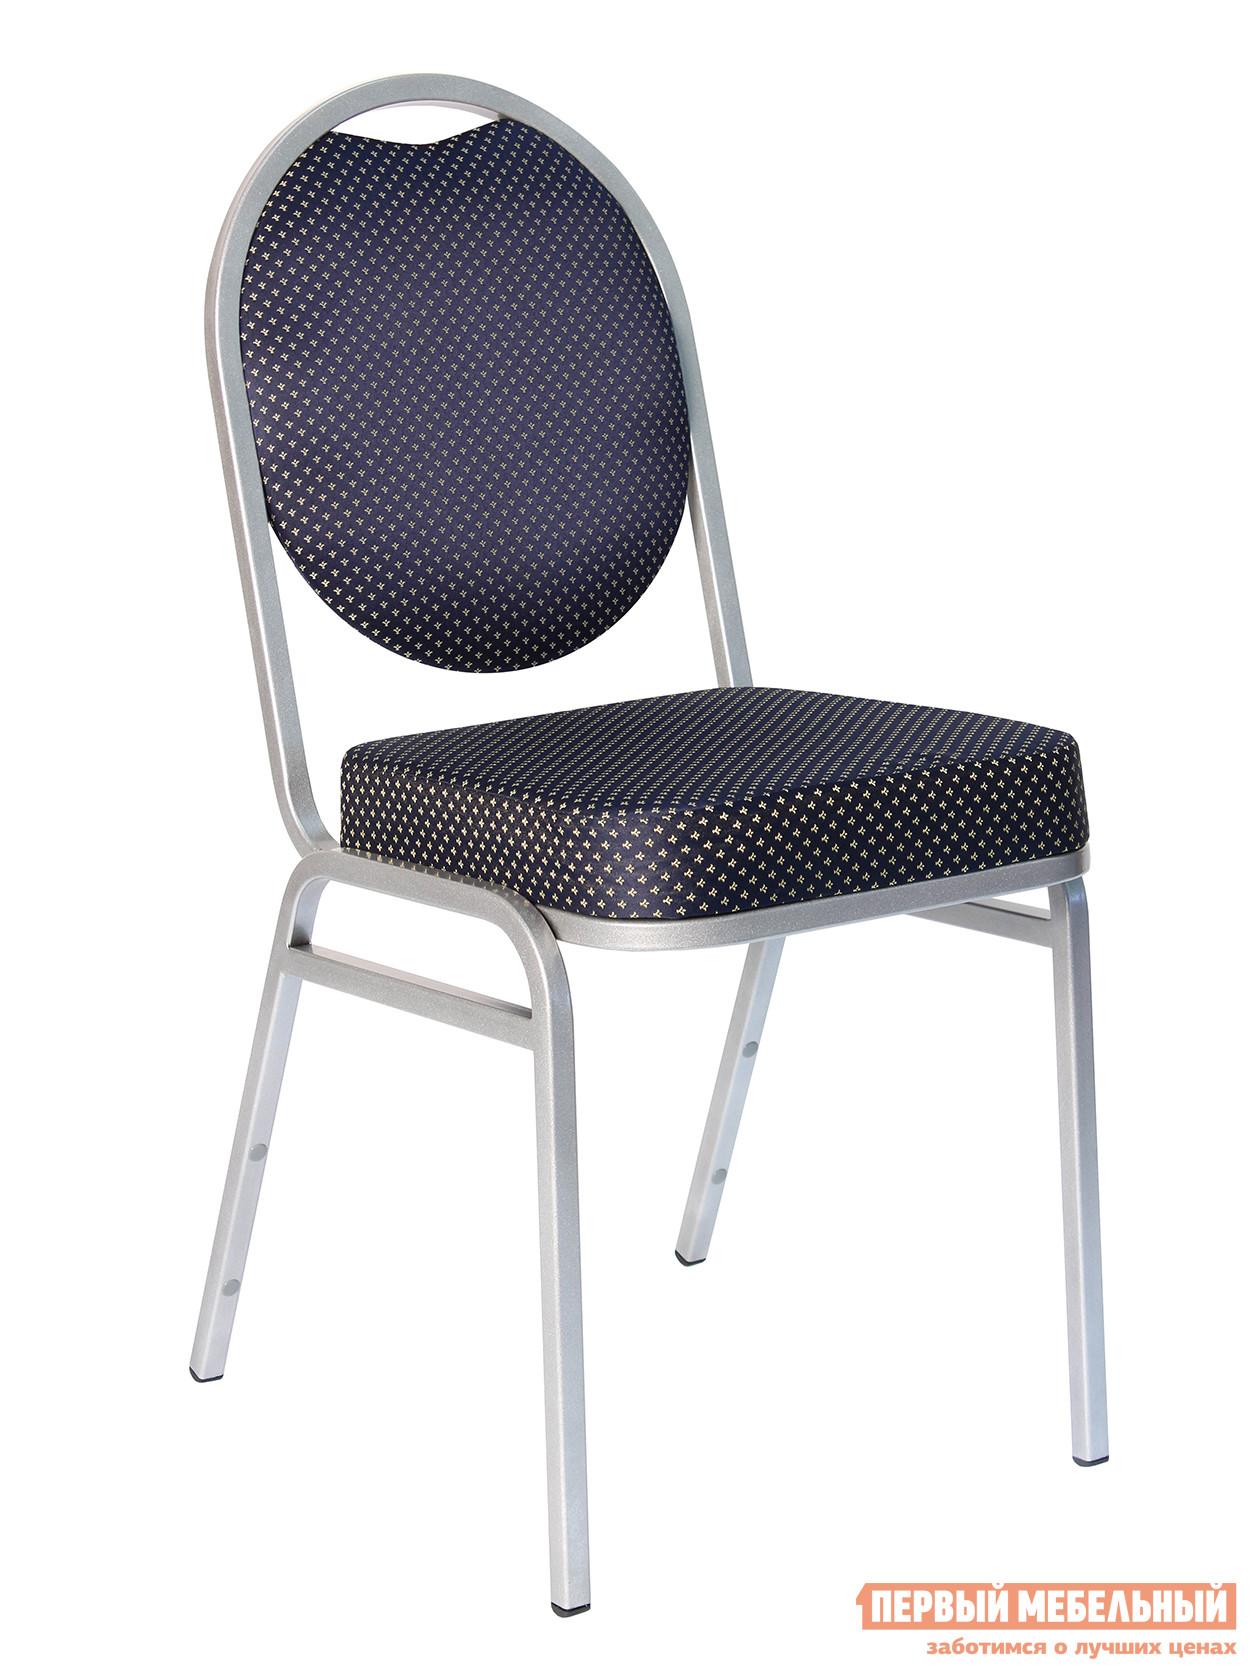 Банкетный стул Stool Group Раунд банкетный стул stool group прато